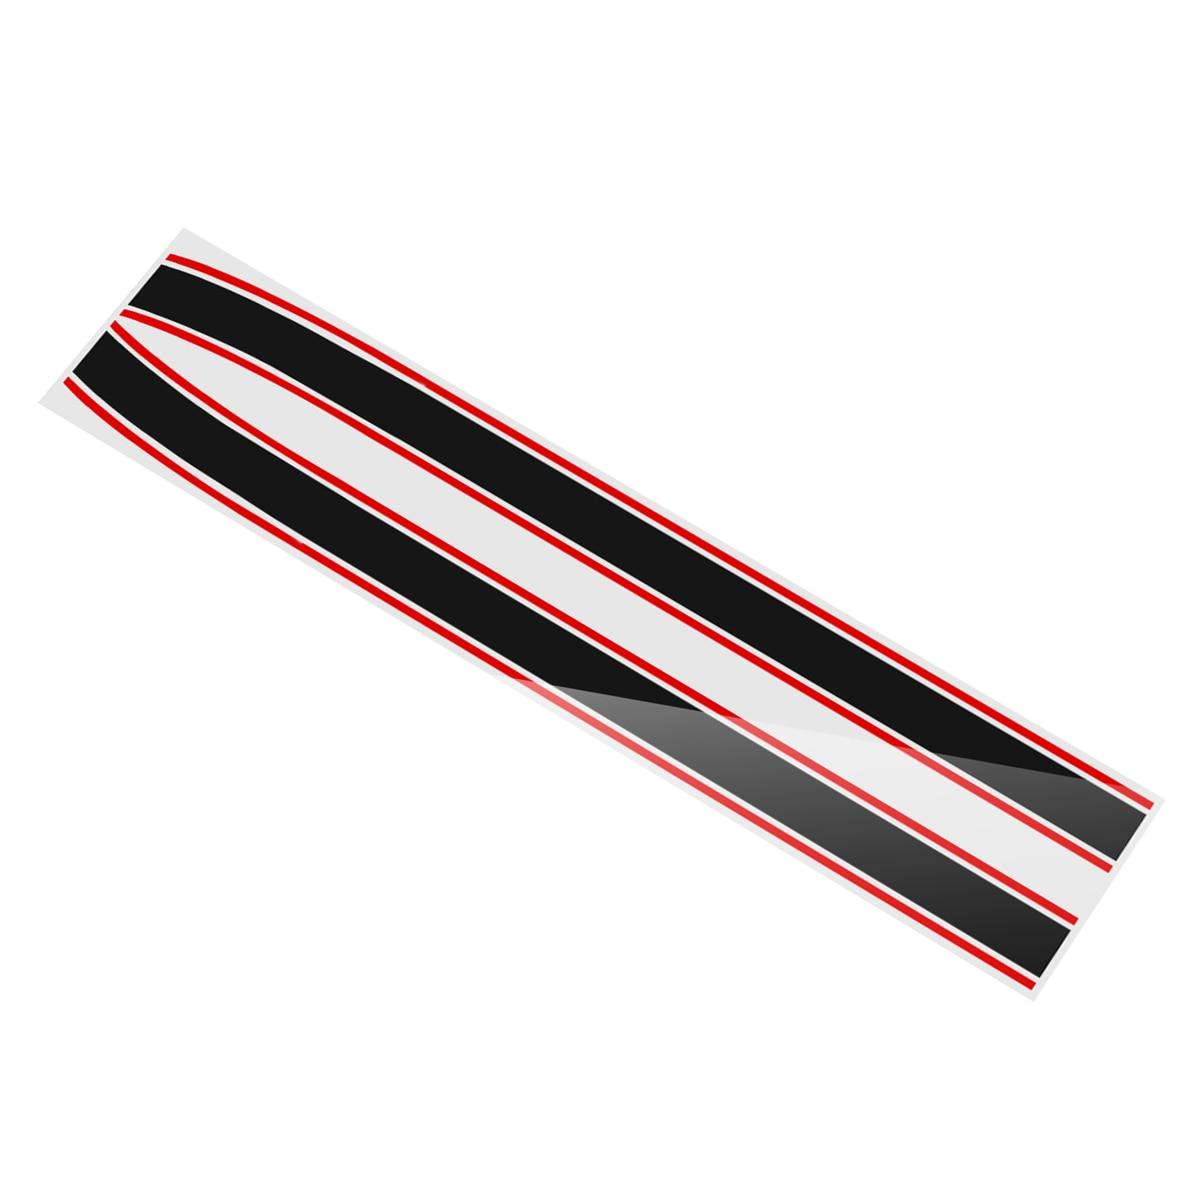 Капот капота двигателя, накладка в полоску для Mini Cooper, полоска капота R50 R52 R53 R55 R56 R57 для Mini Cooper S